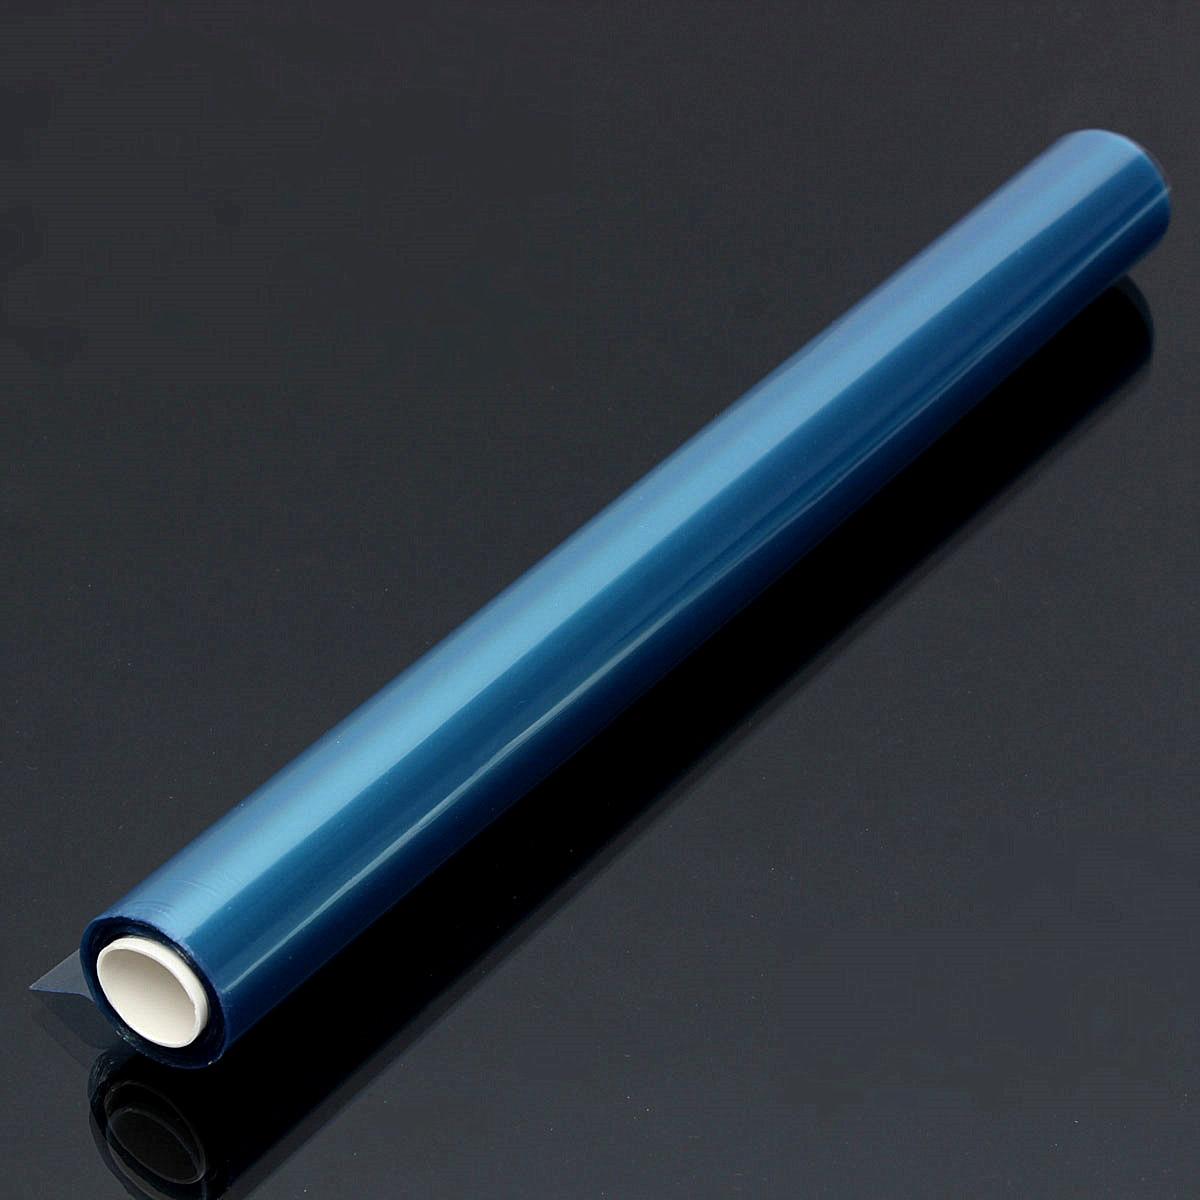 PCB gran oferta de película seca fotosensible portátil para producción de circuitos, hojas de fotoresist de 30cm x 5m, componentes electrónicos